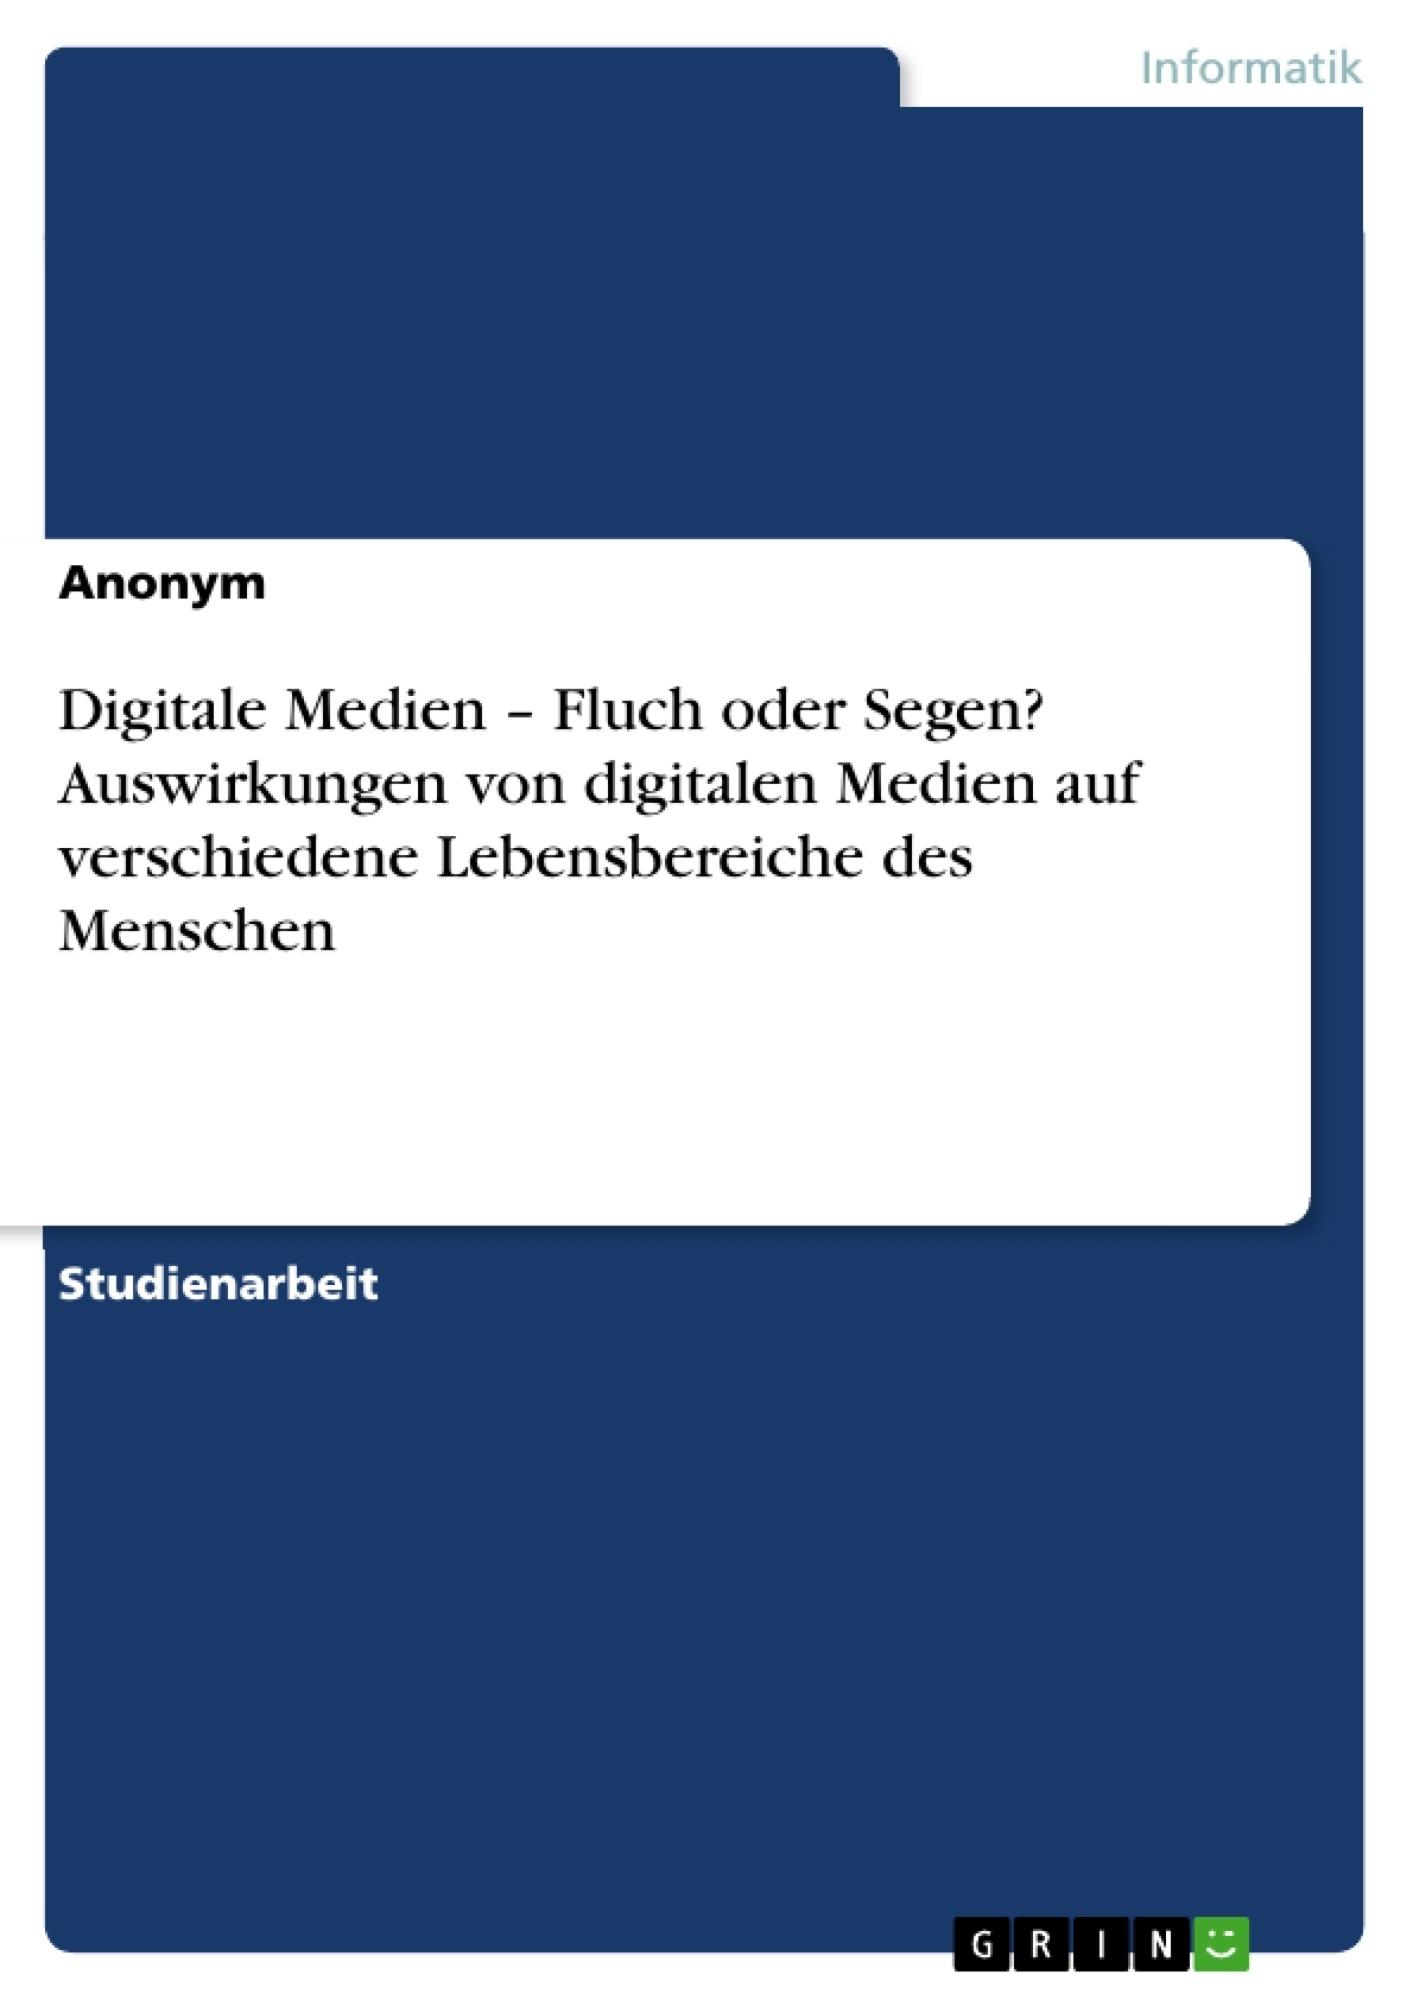 Titel: Digitale Medien – Fluch oder Segen? Auswirkungen von digitalen Medien auf verschiedene Lebensbereiche des Menschen